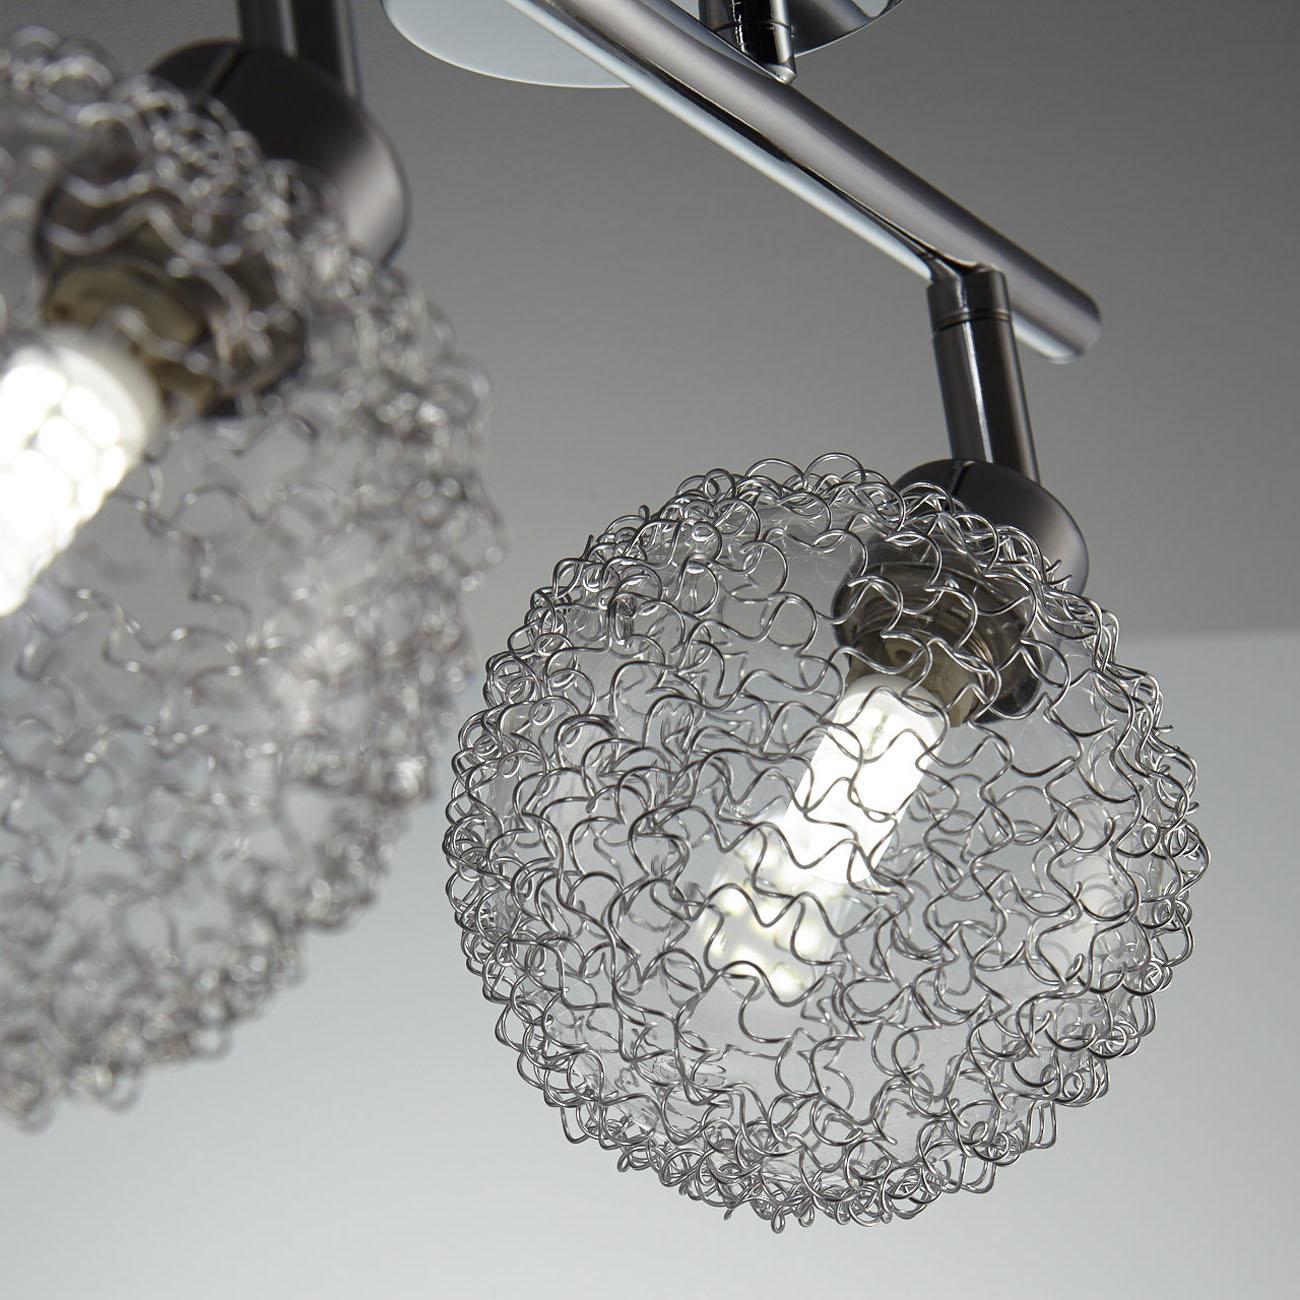 LED Design Deckenleuchte mit Glaskugeln 2-flammig - 5